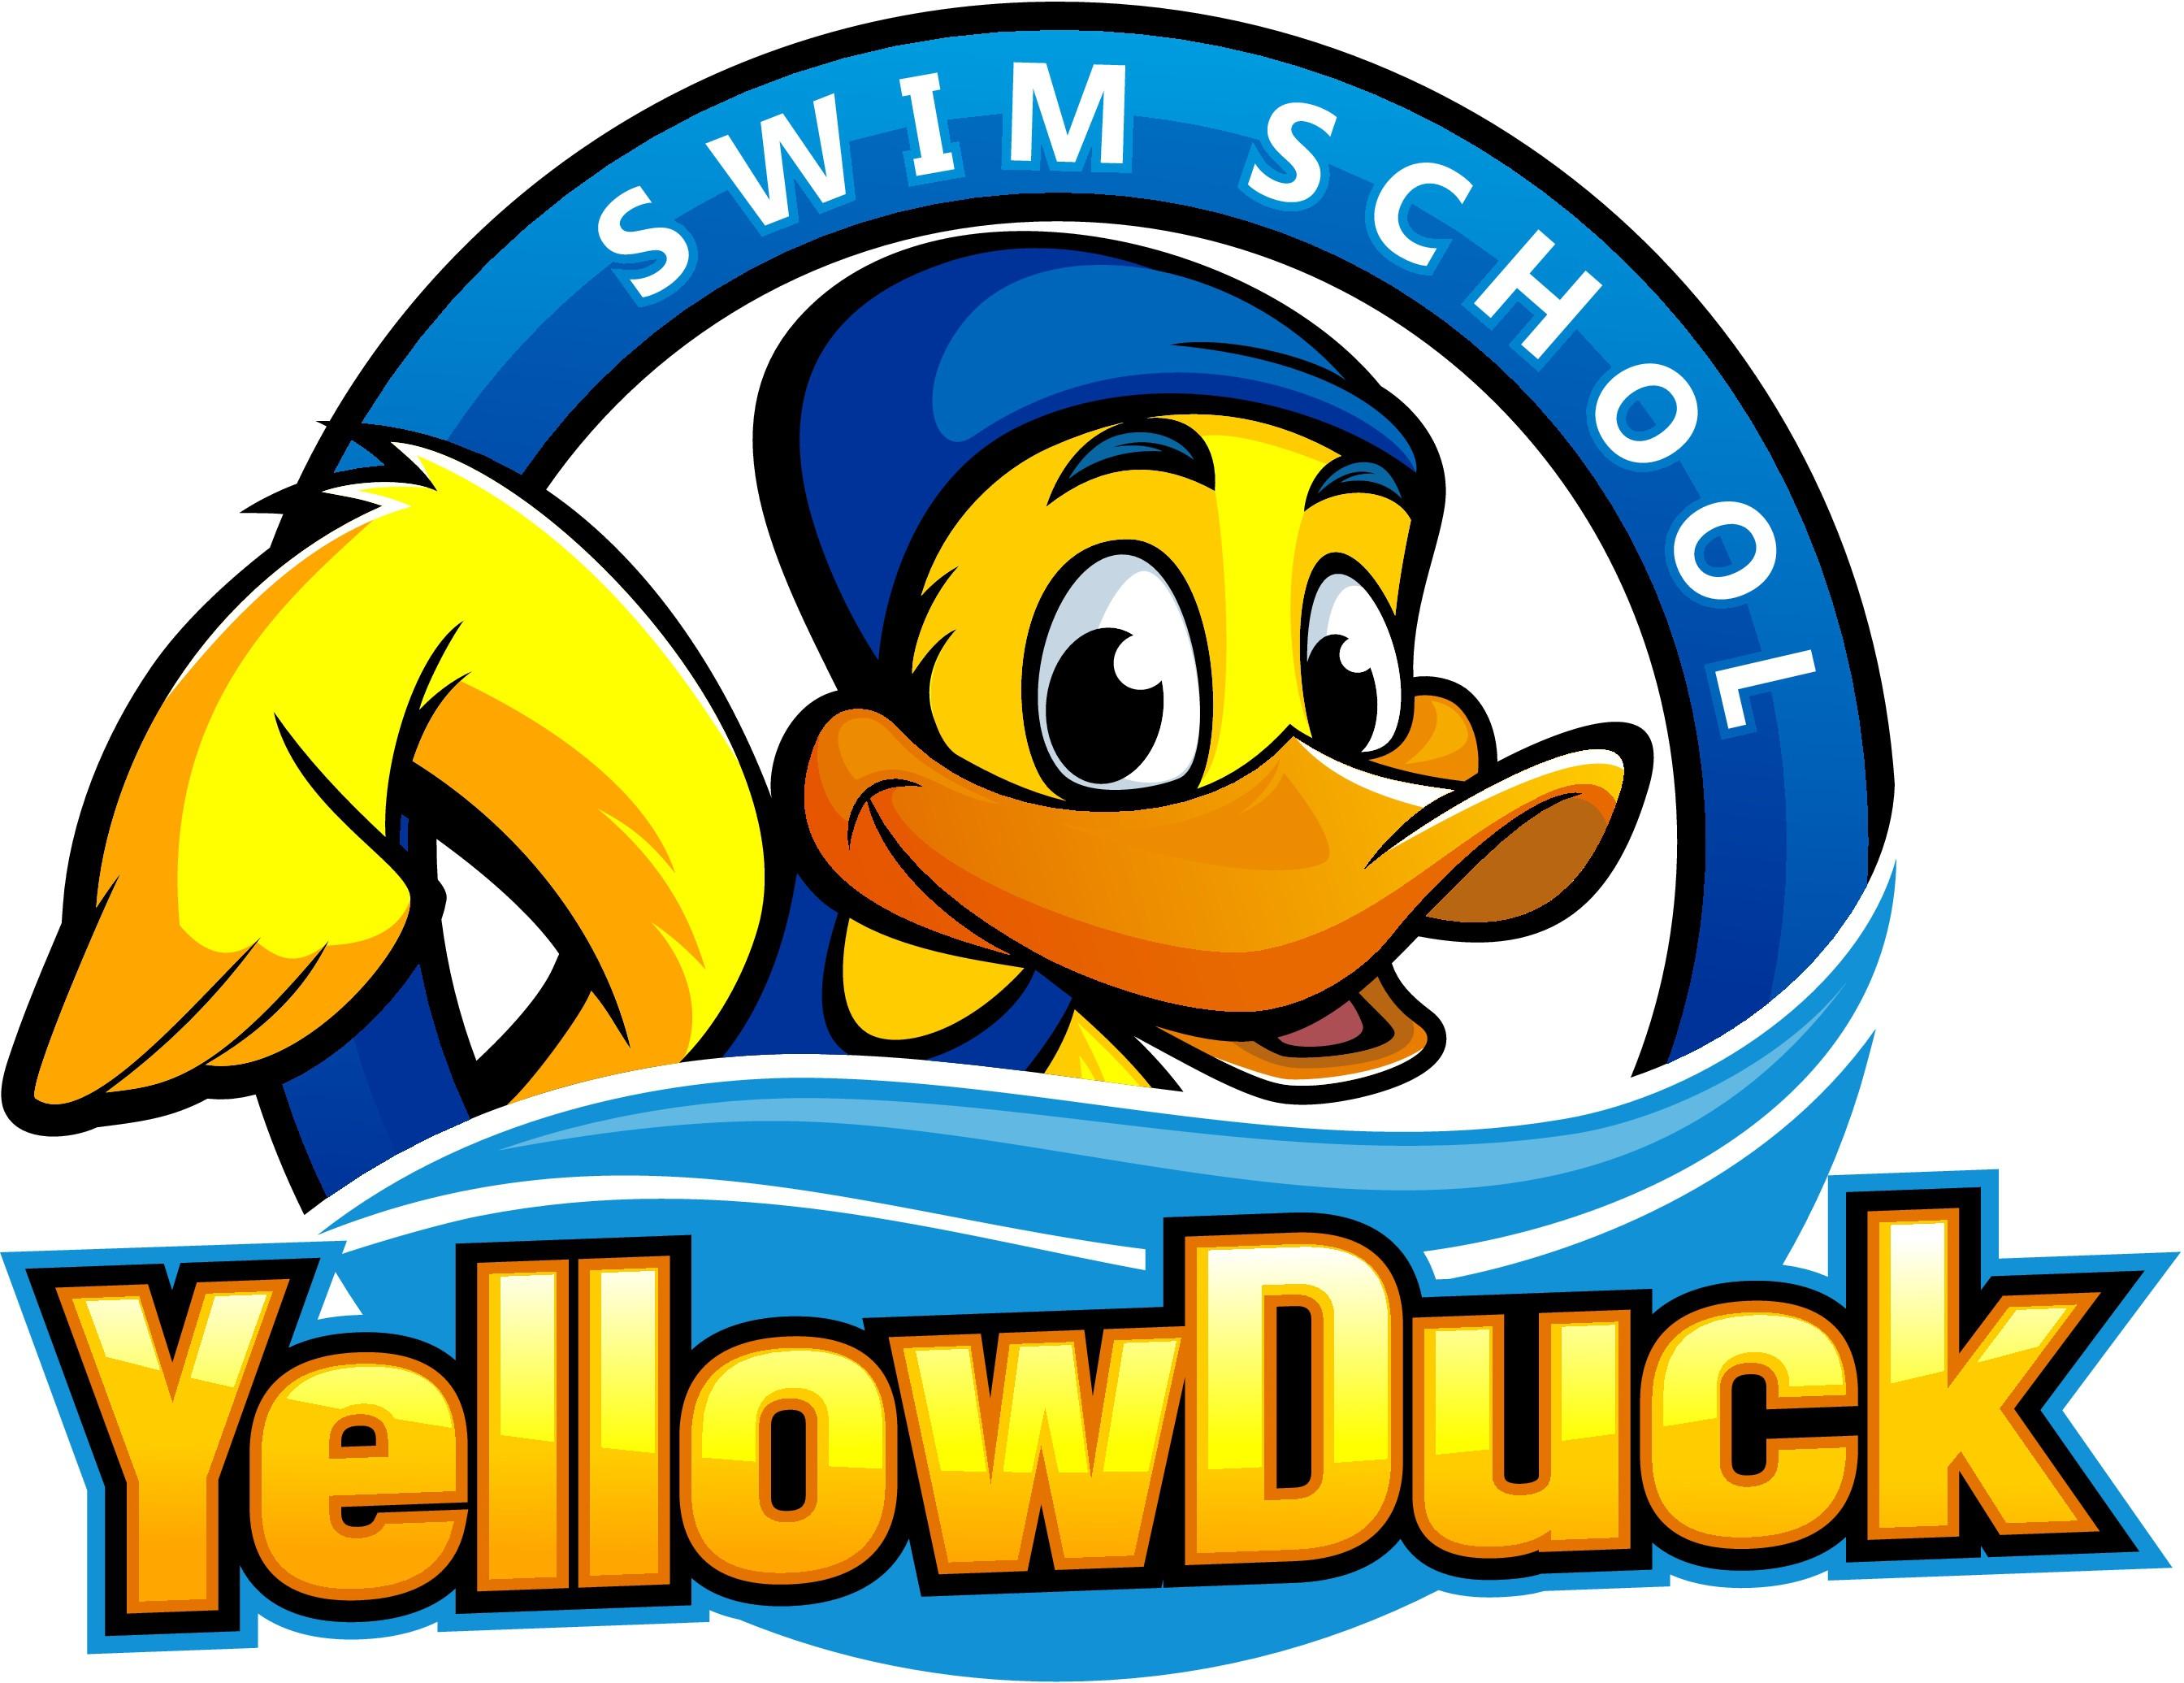 Yellow Duck Swim School needs your talent!